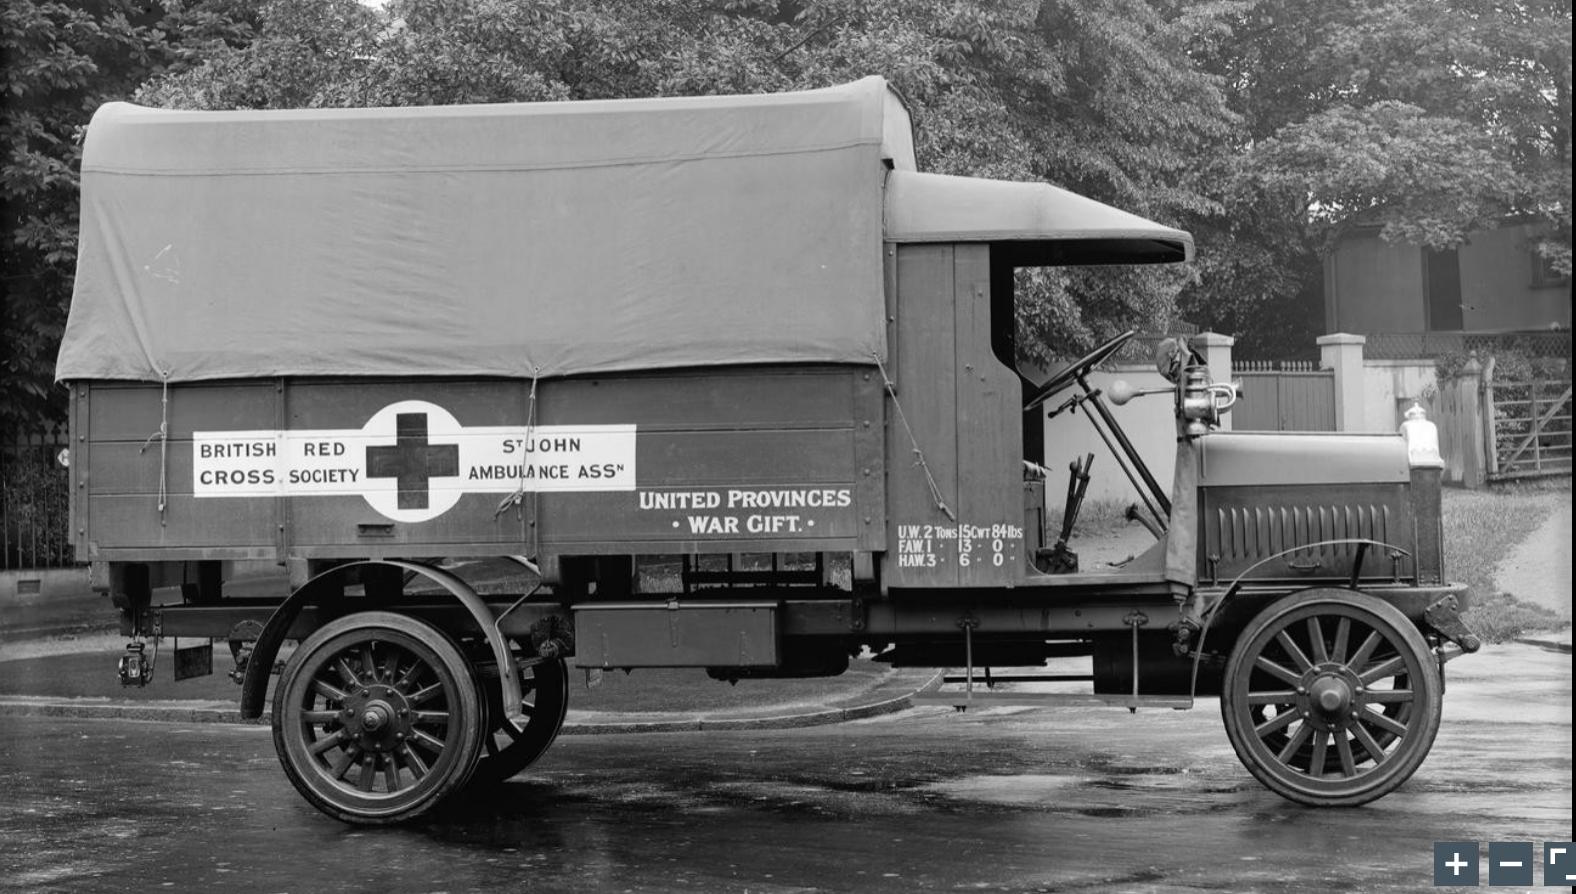 WW1 British ambulance Army truck, Ambulance, American